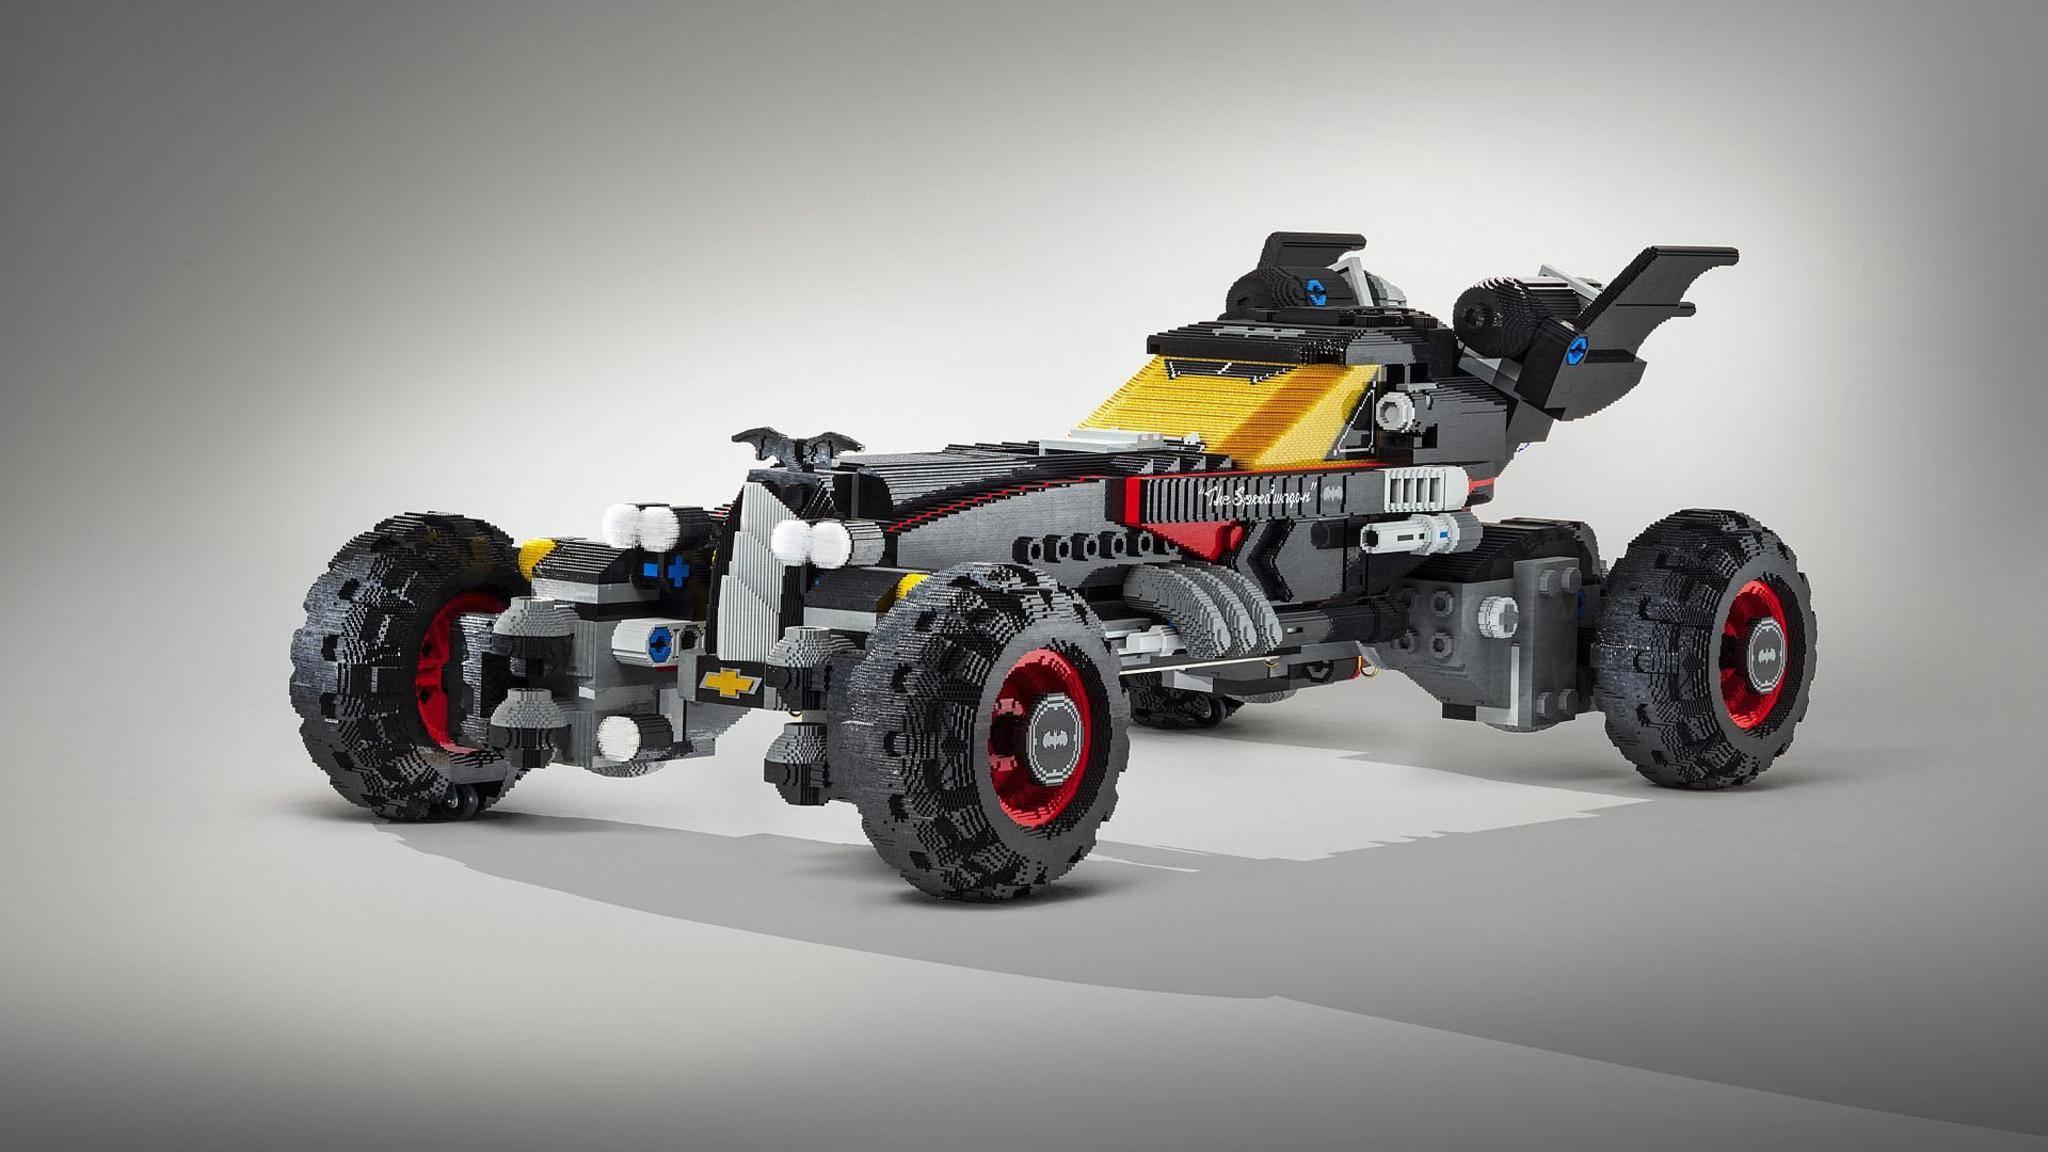 Das Batmobil besteht aus mehr als 340.000 Lego-Steinen.